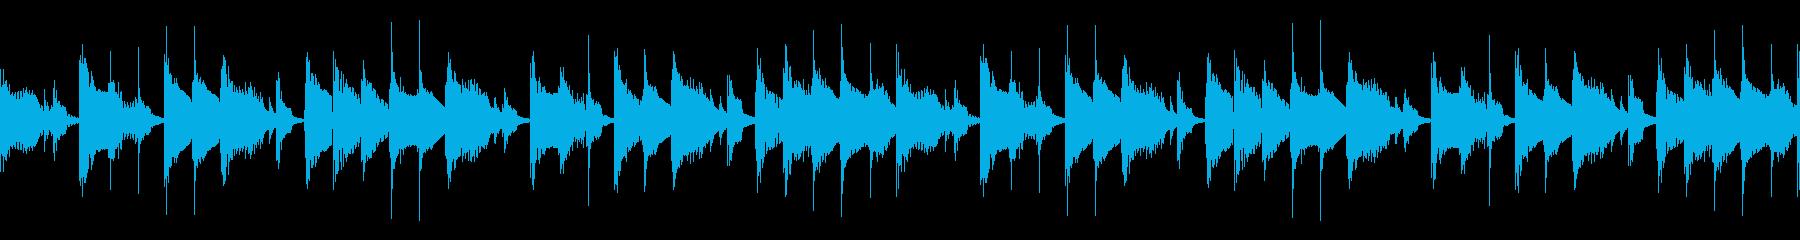 ノロノロな雰囲気のBGM ループ仕様#2の再生済みの波形